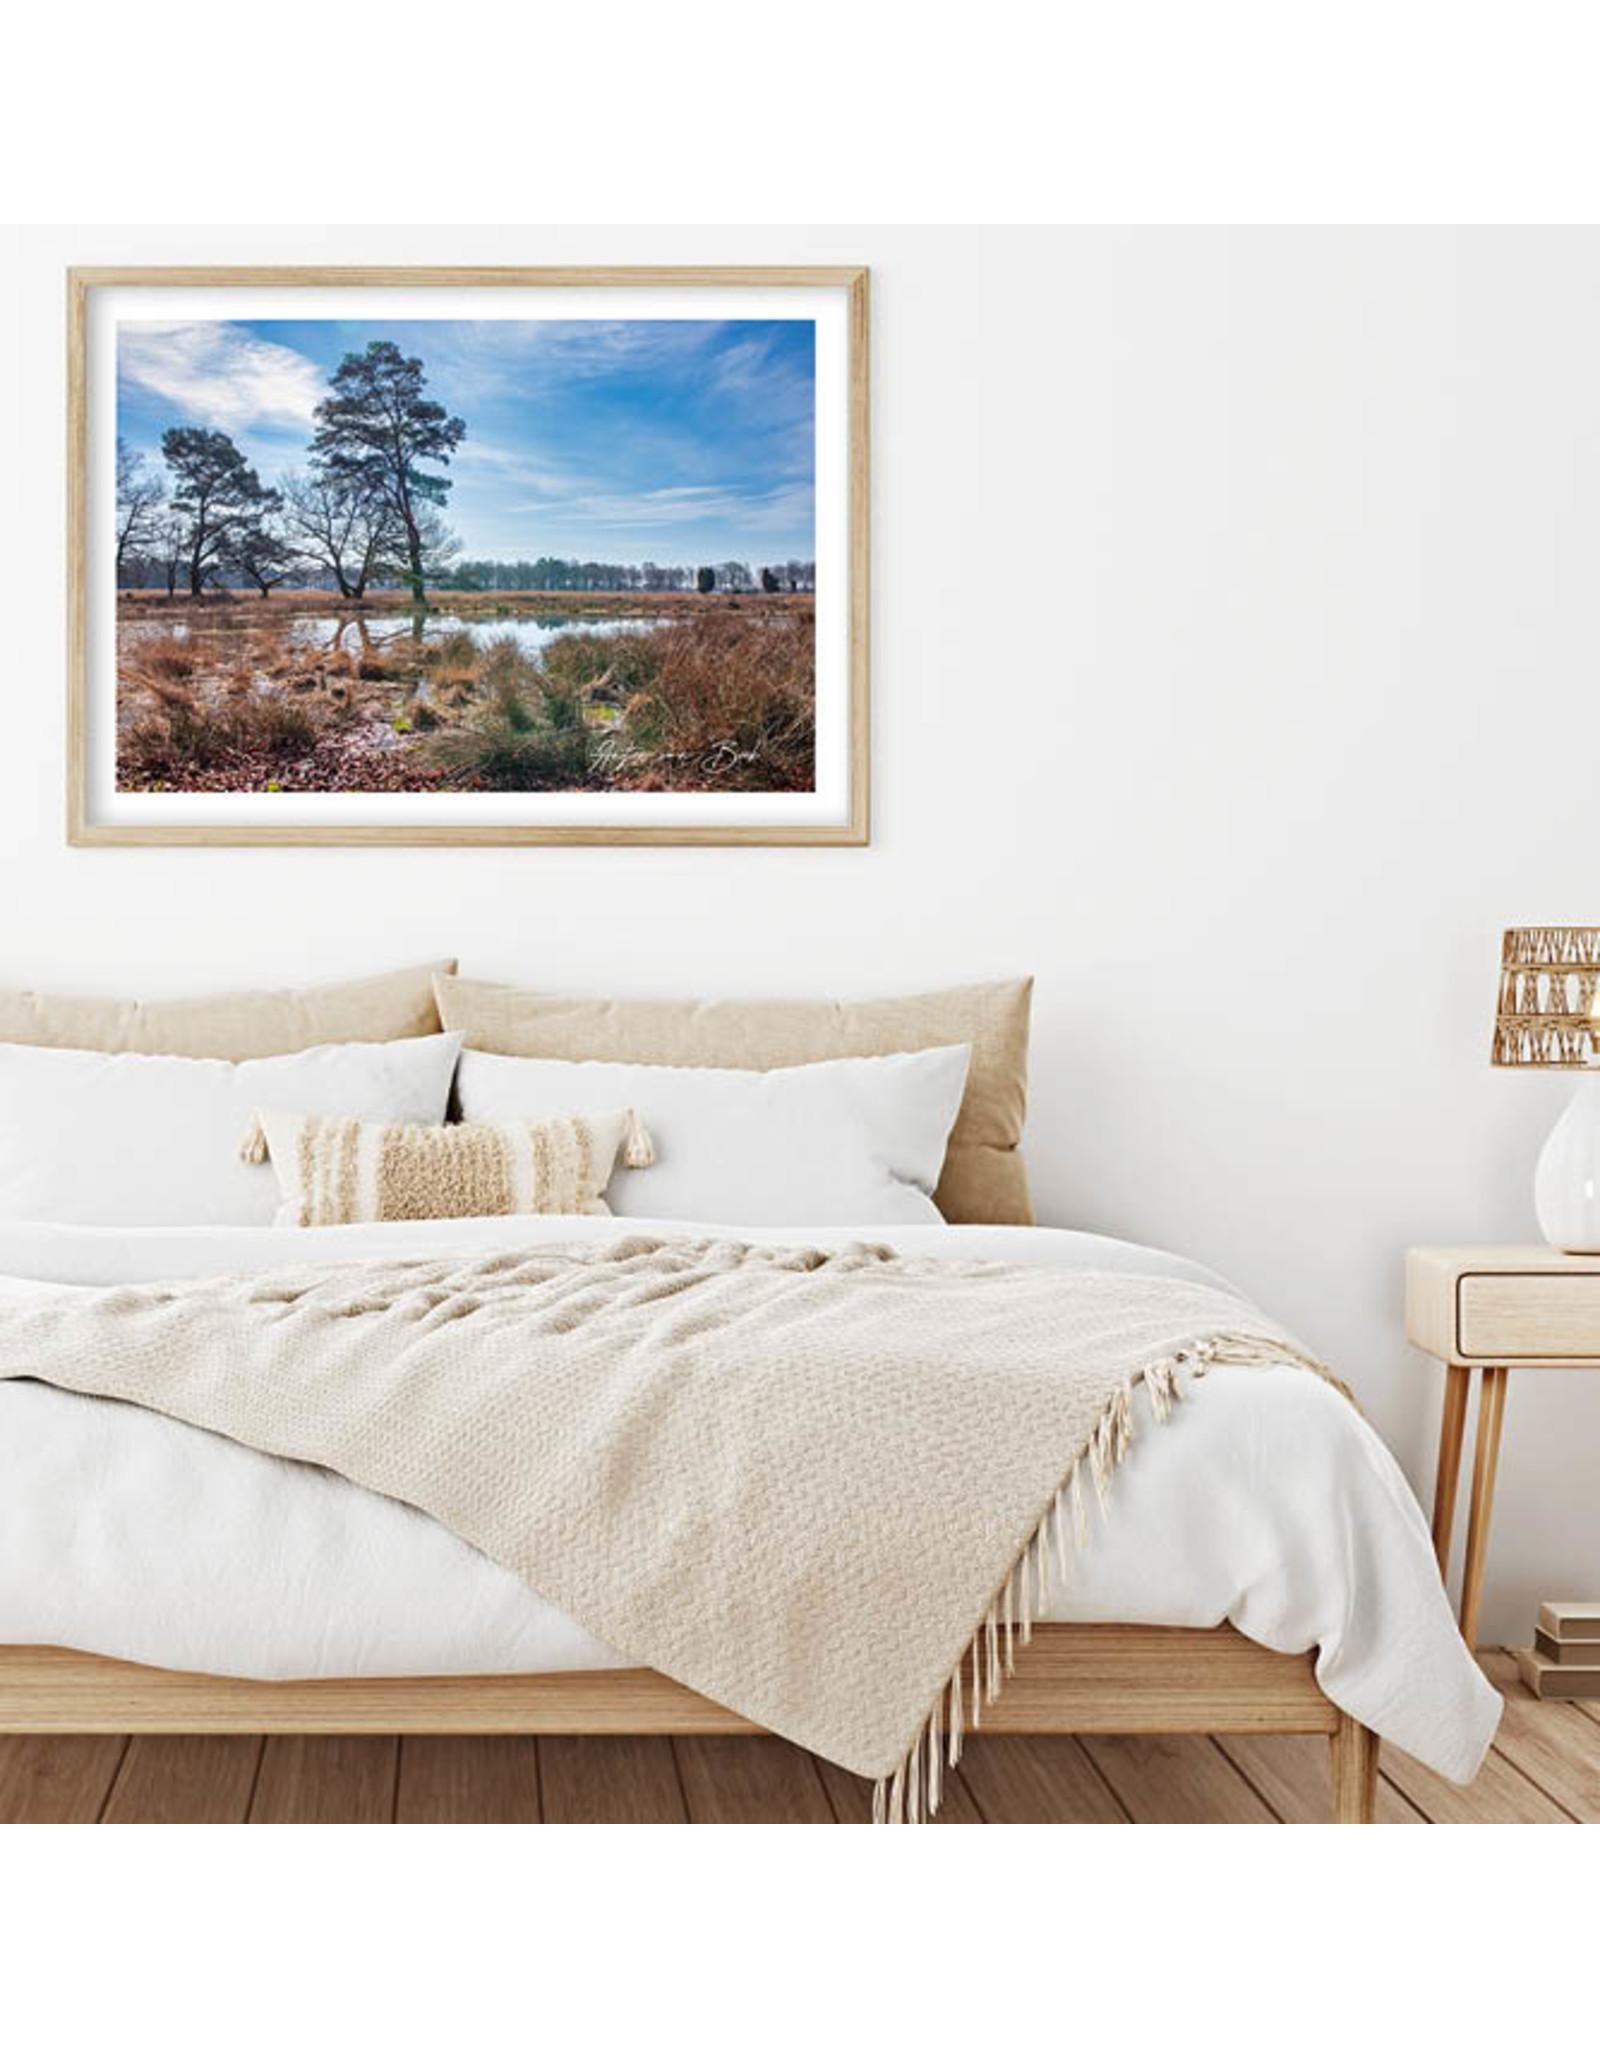 Dunnebier Home Poster Drenthe_2 - Anton van Beek Collectie